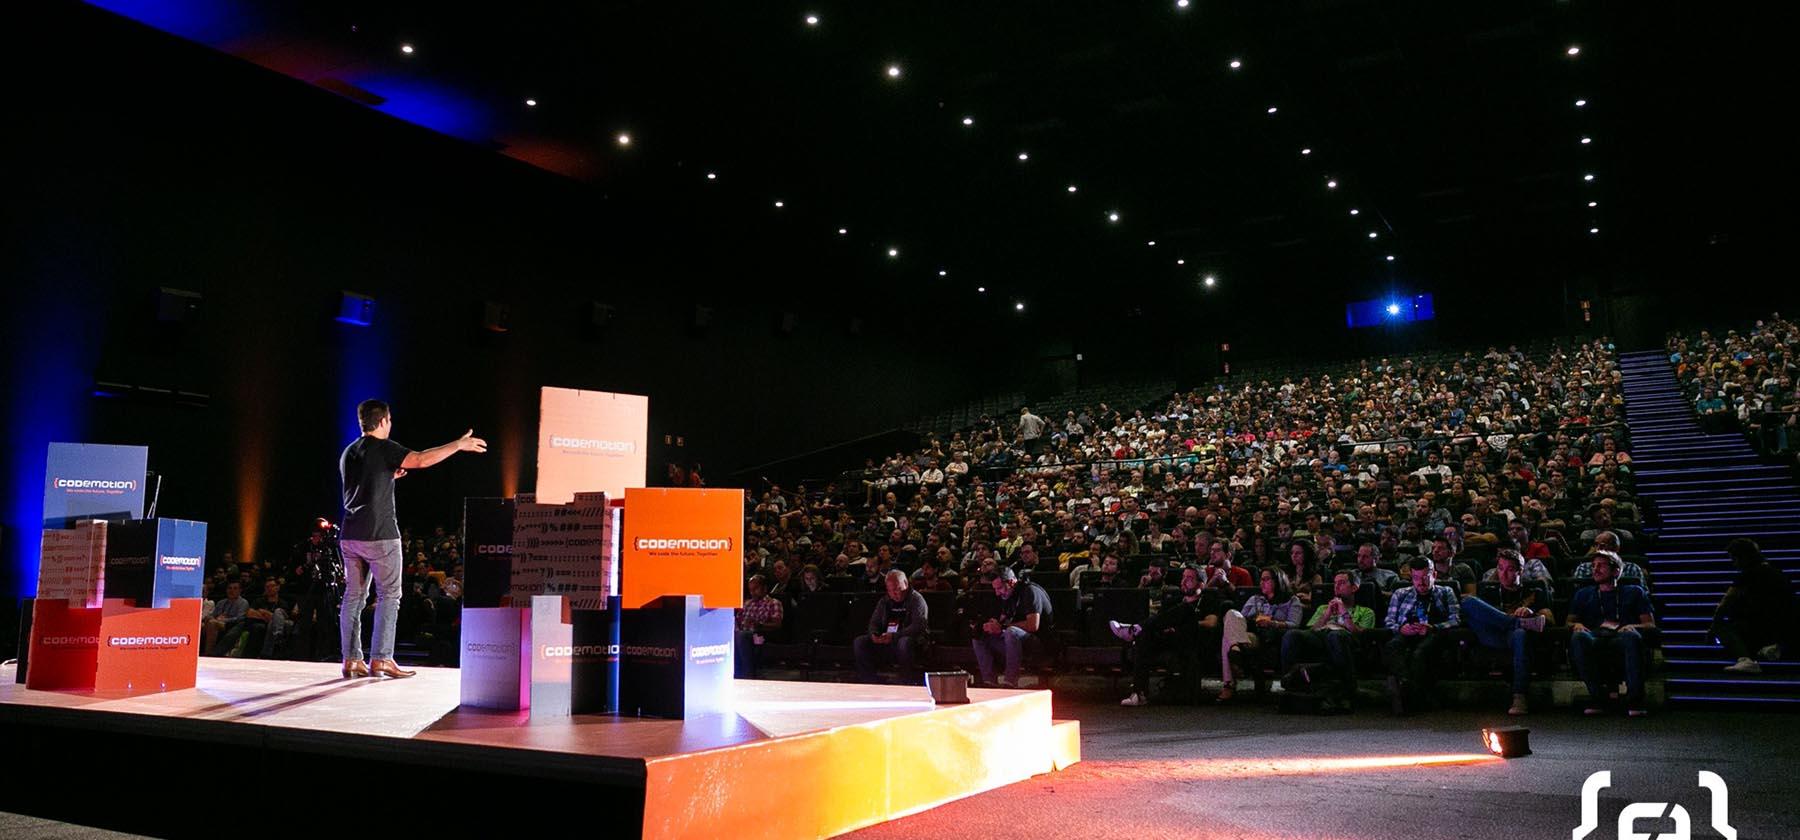 Vista desde el escenario del auditorio lleno en Codemotion 2019